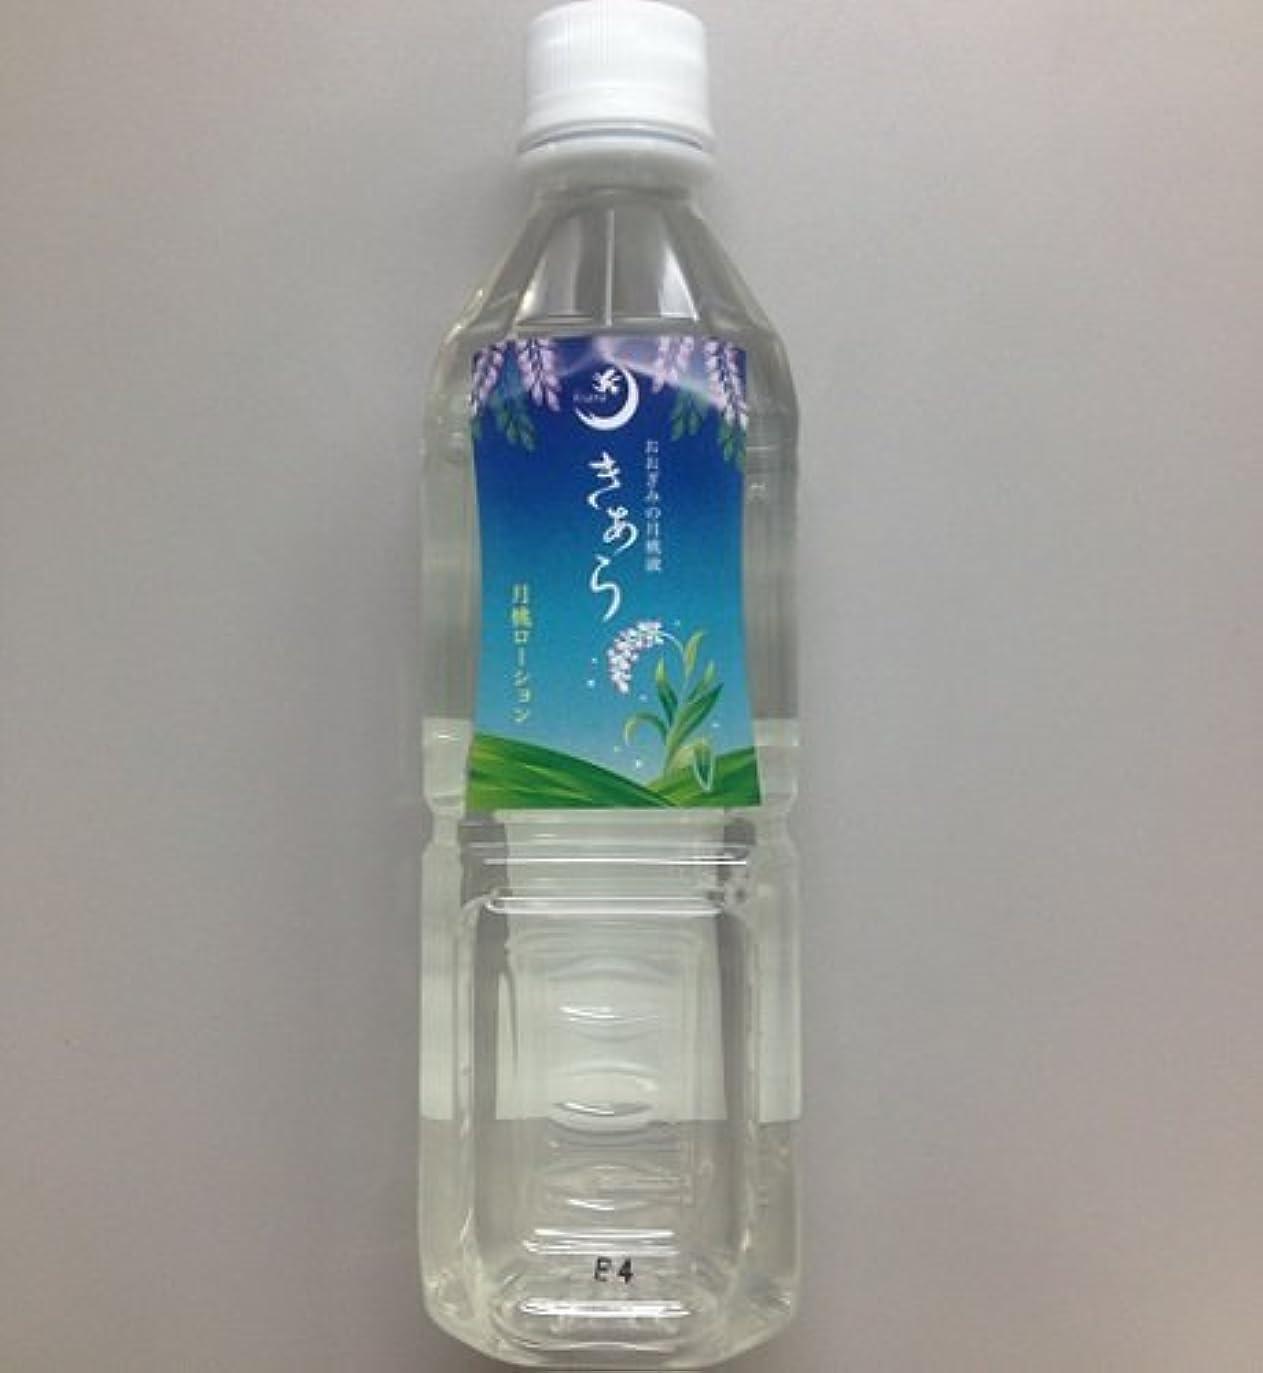 癌つかの間自由きあら化粧水500ml(詰め替え用)